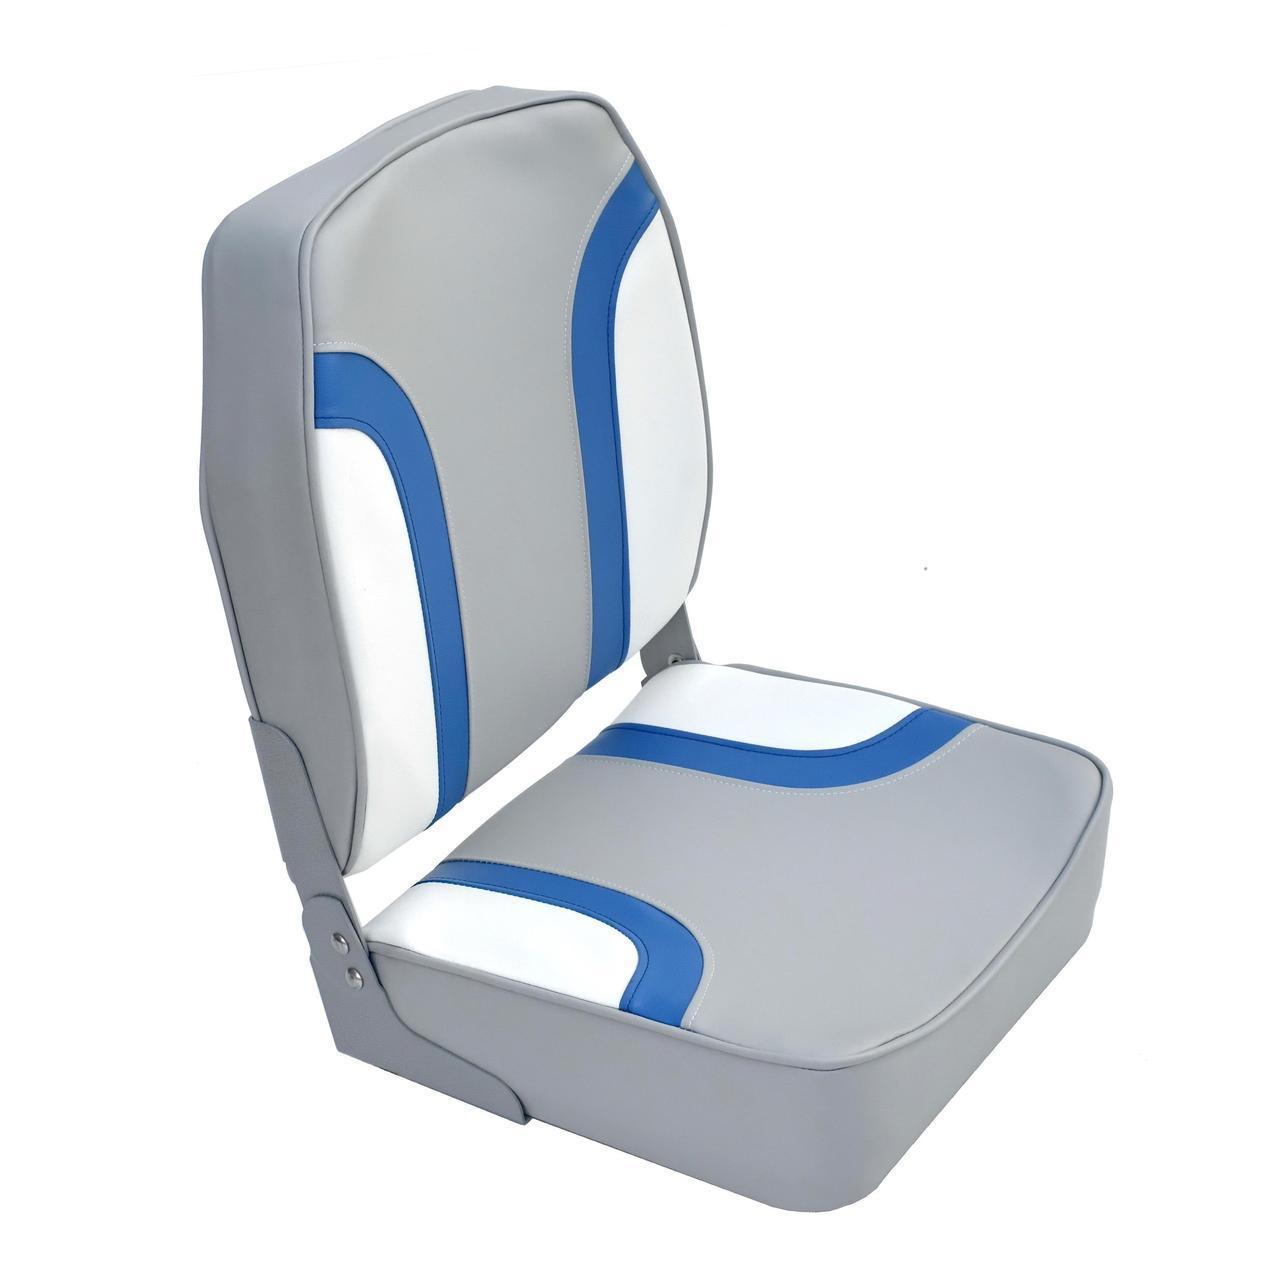 Сидіння для човна AquaL високу светлосерое/синьо-біле 1001003